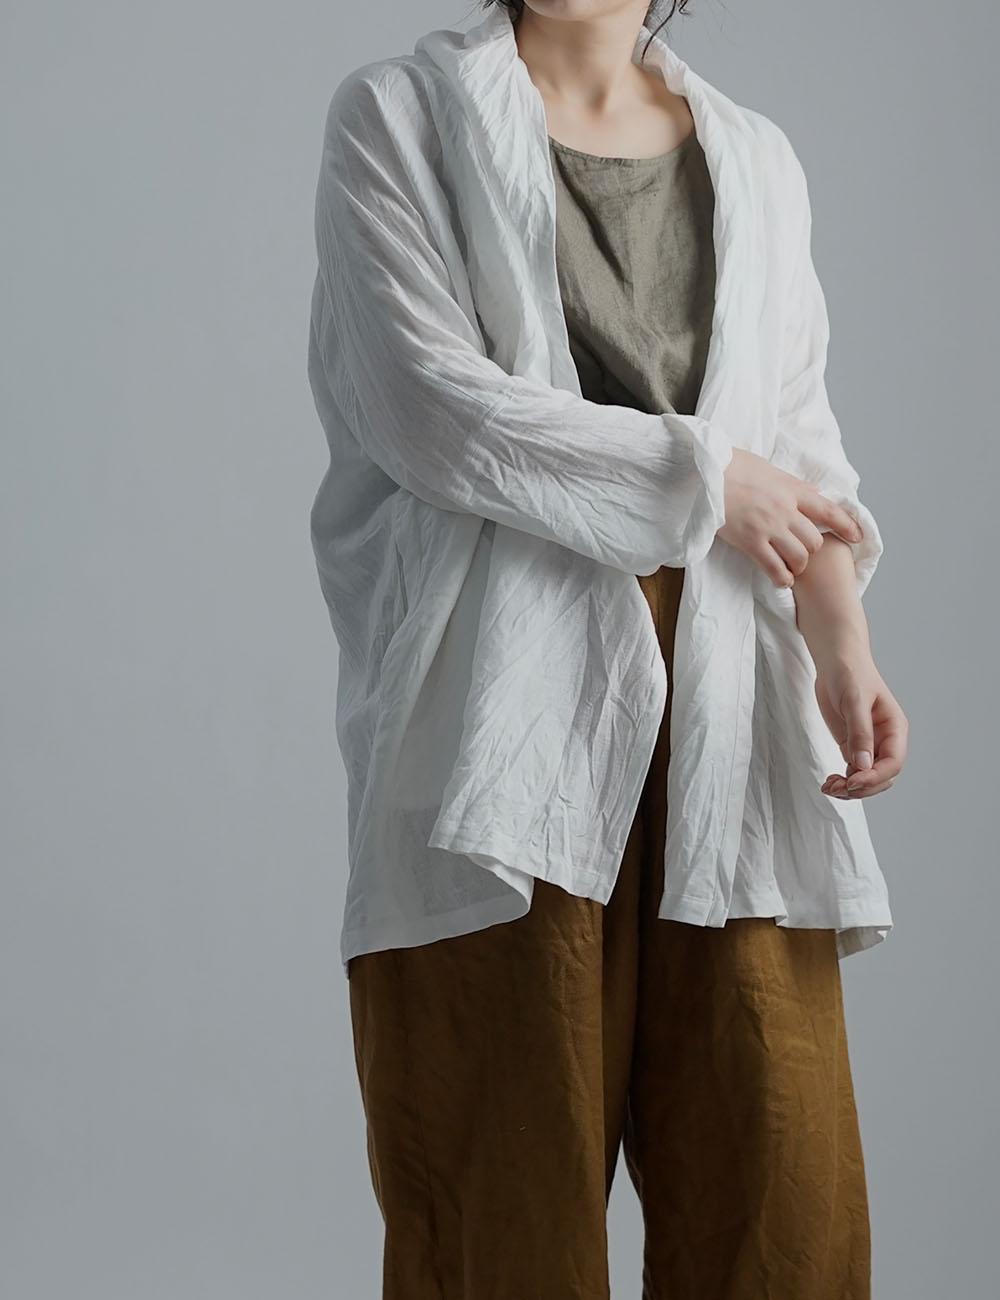 【wafu】Linen Cardigan トッパーカーディガン ハンドワッシャー /ホワイト h014a-wht2